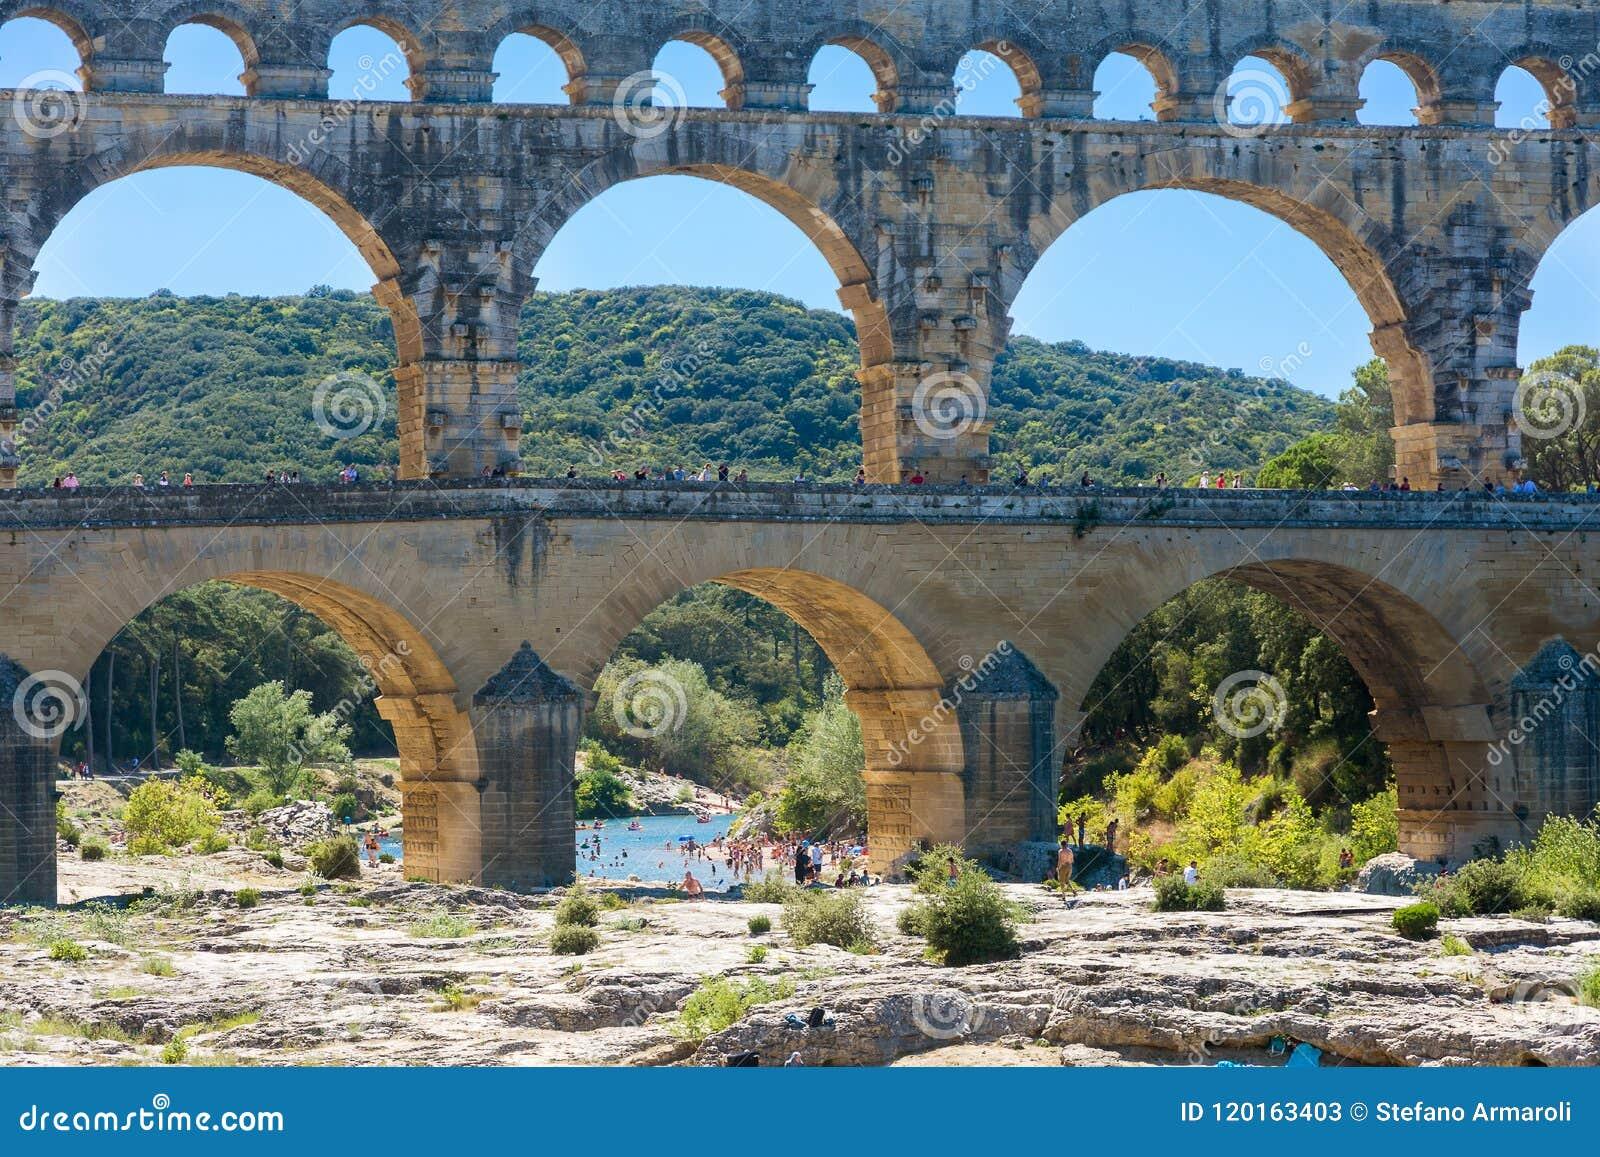 Pont du il Gard